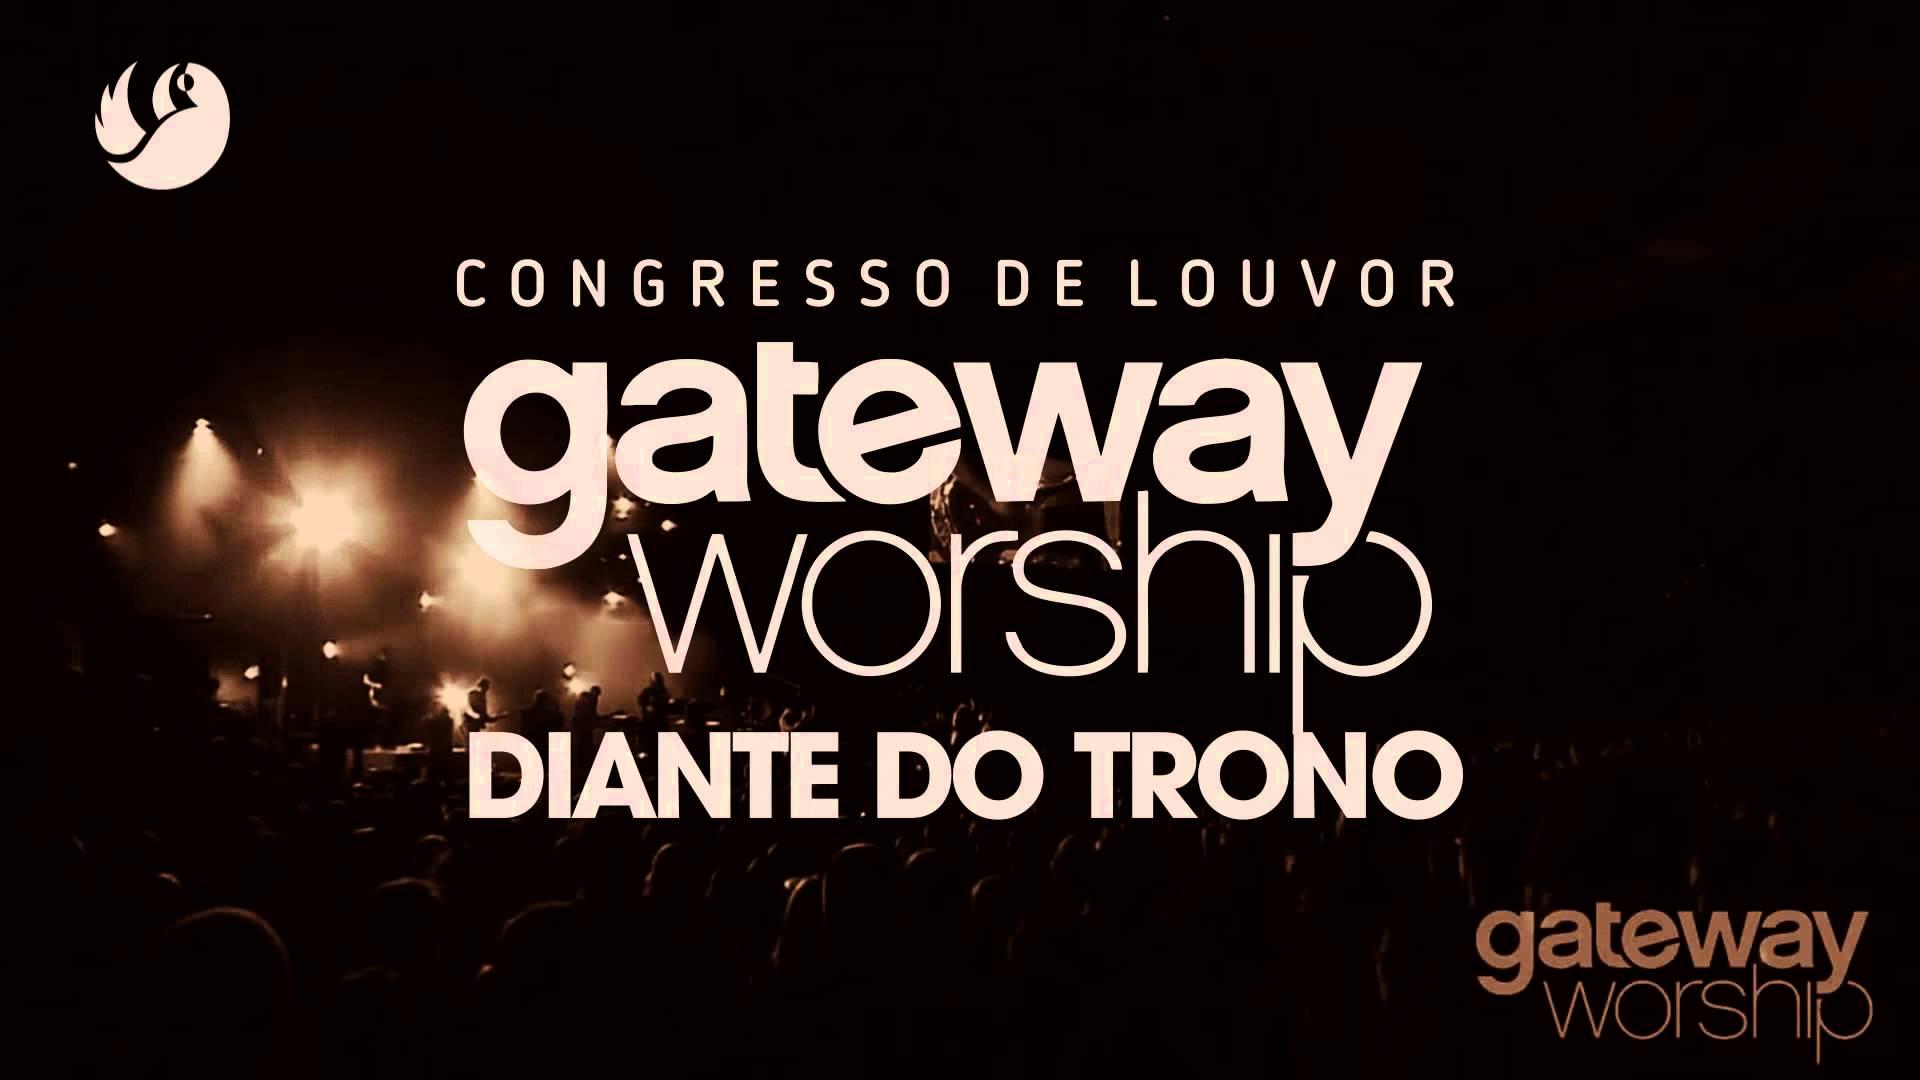 Congresso Gateway e  Diante do Trono  2016 –   Como Participar